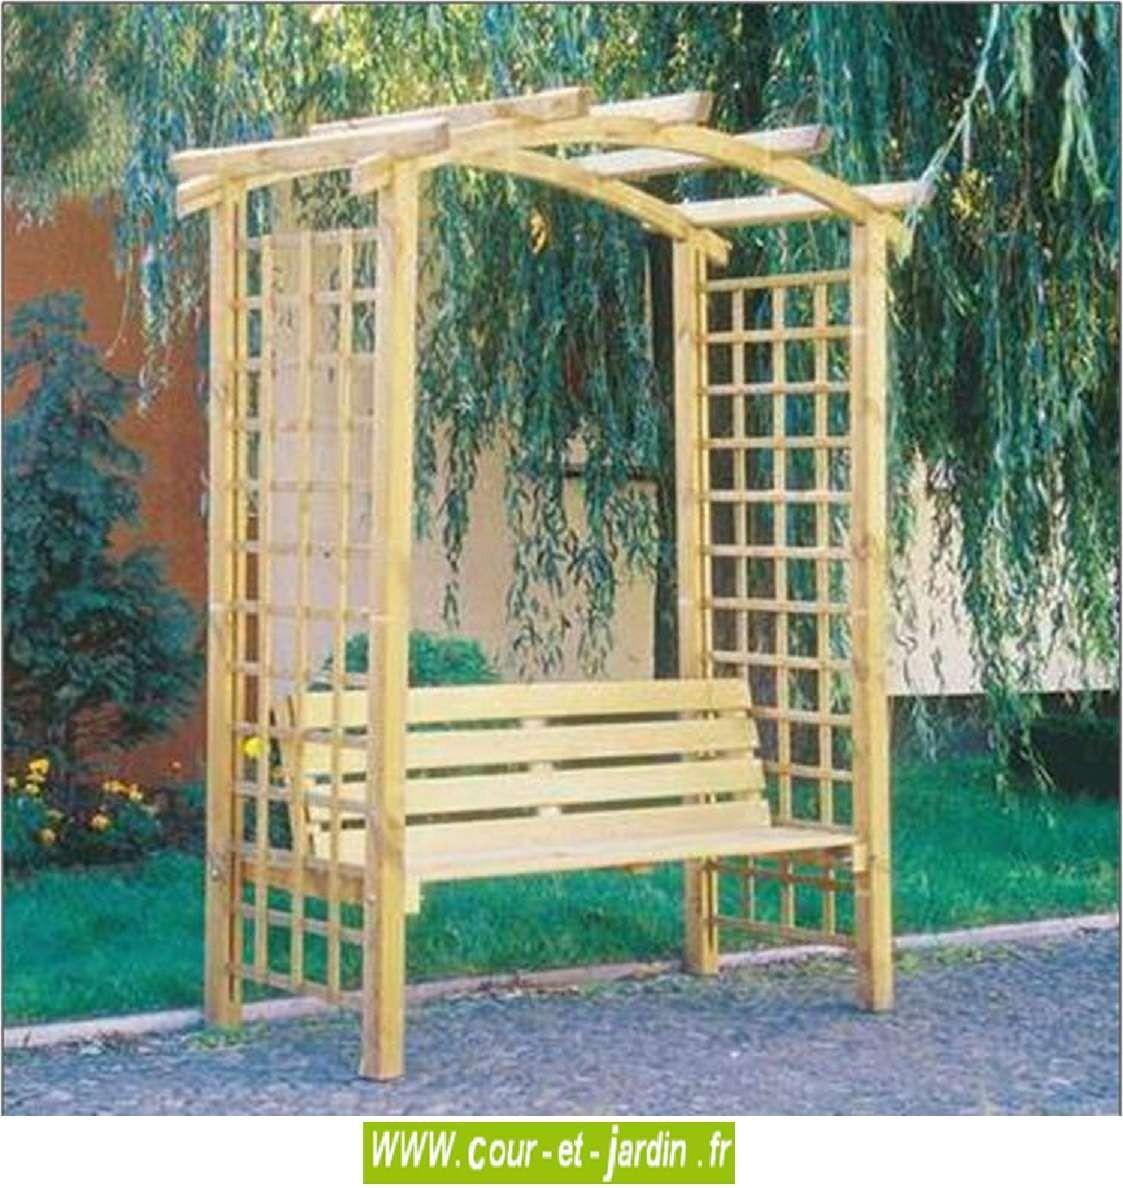 Pergola De Jardin Arcade Avec Banc. Arche Jardin Bois ... pour Arche Jardin Bois